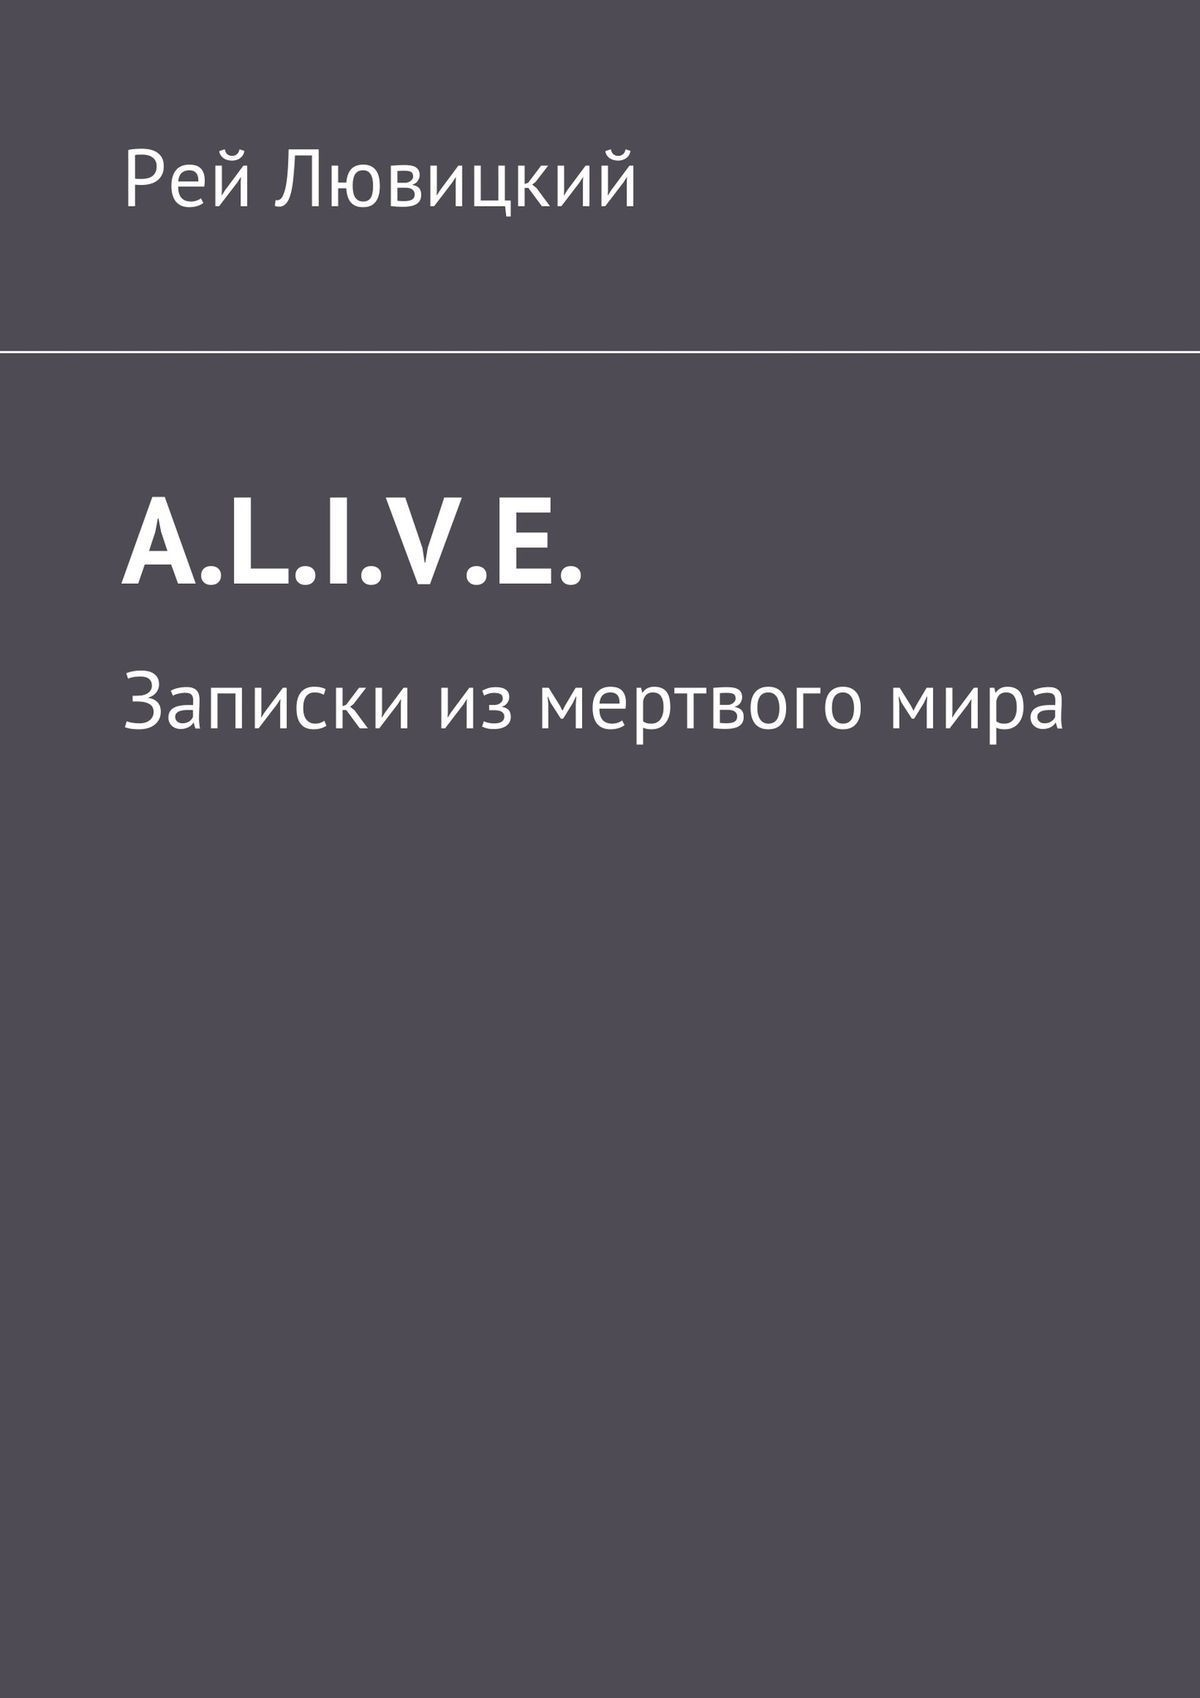 A.L.I.V.E.